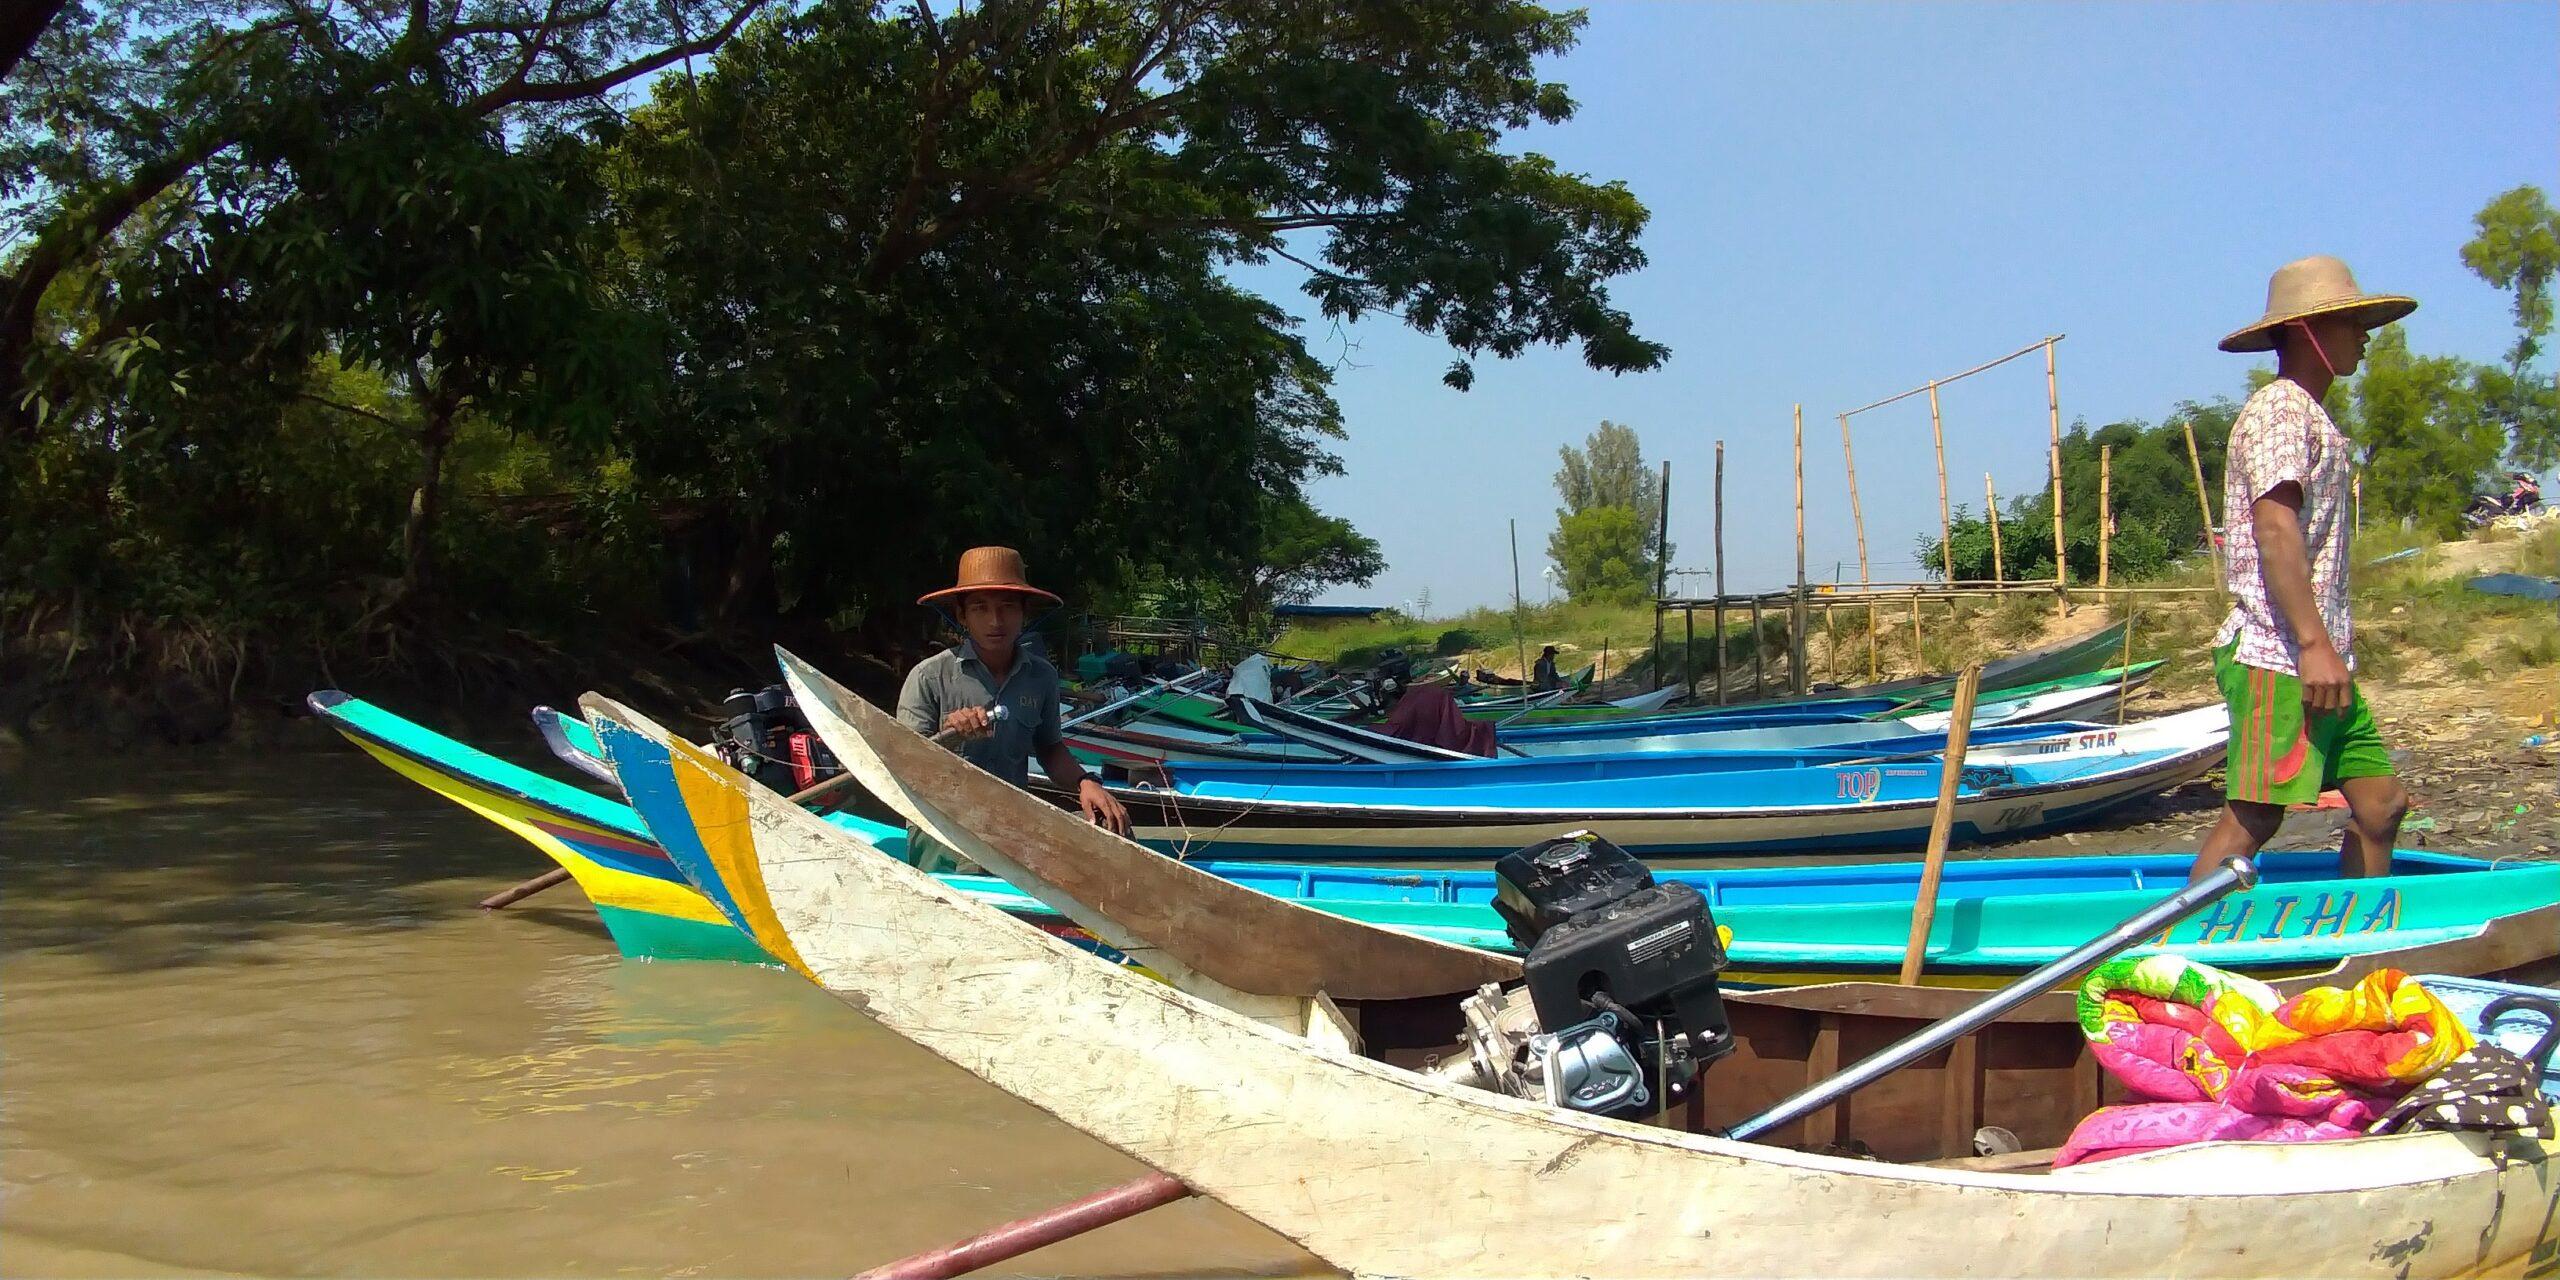 車で行けない村までボートを乗り継ぎ実習生の家庭訪問に向かう